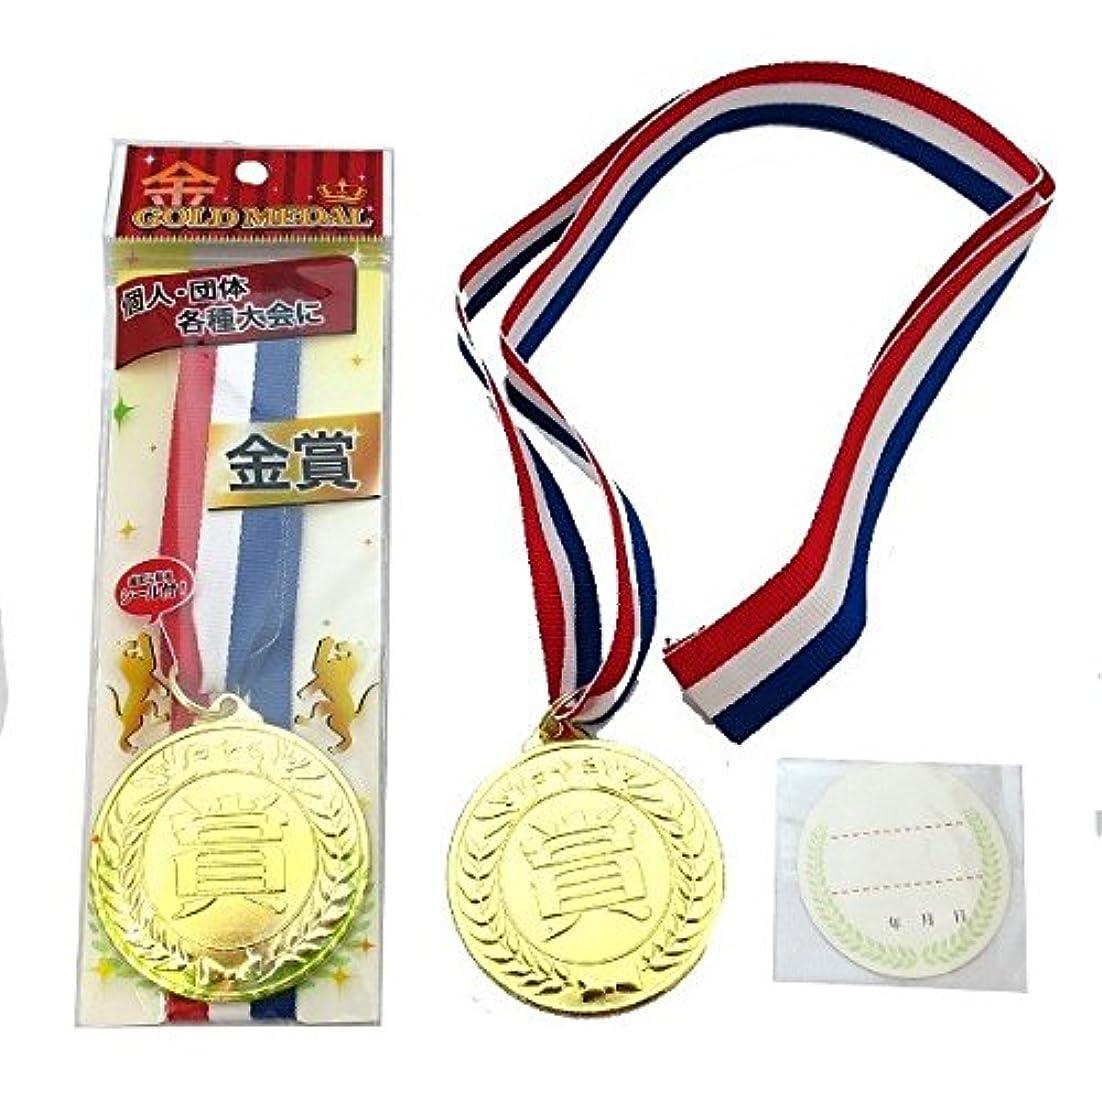 対角線と遊ぶ勇気金メダル 大 001-CR-3069